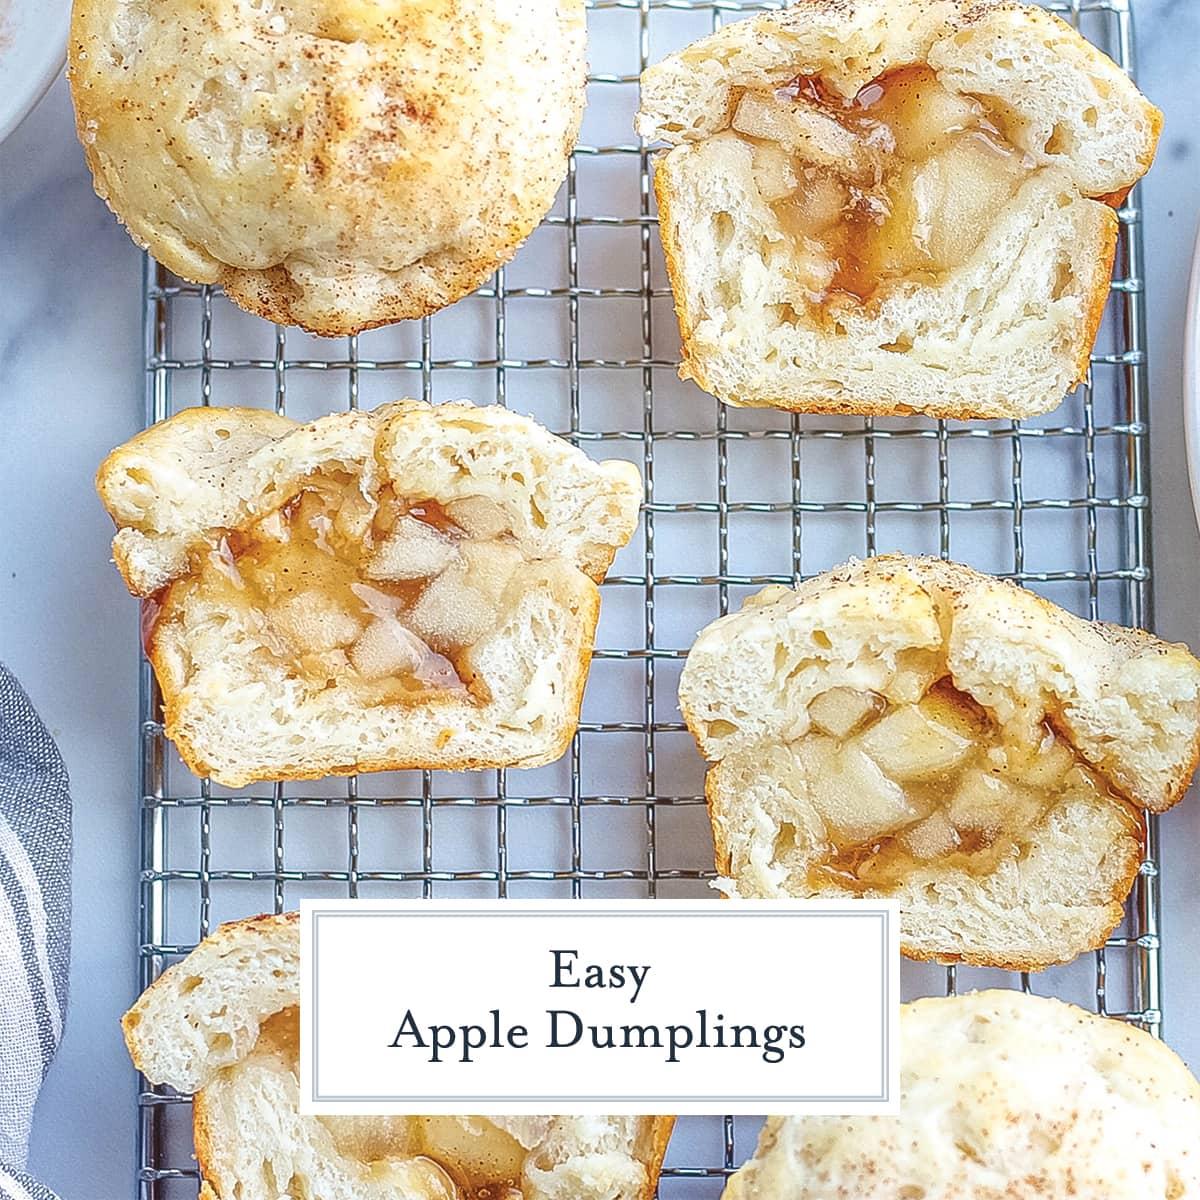 cut open apple dumplings on a wire rack